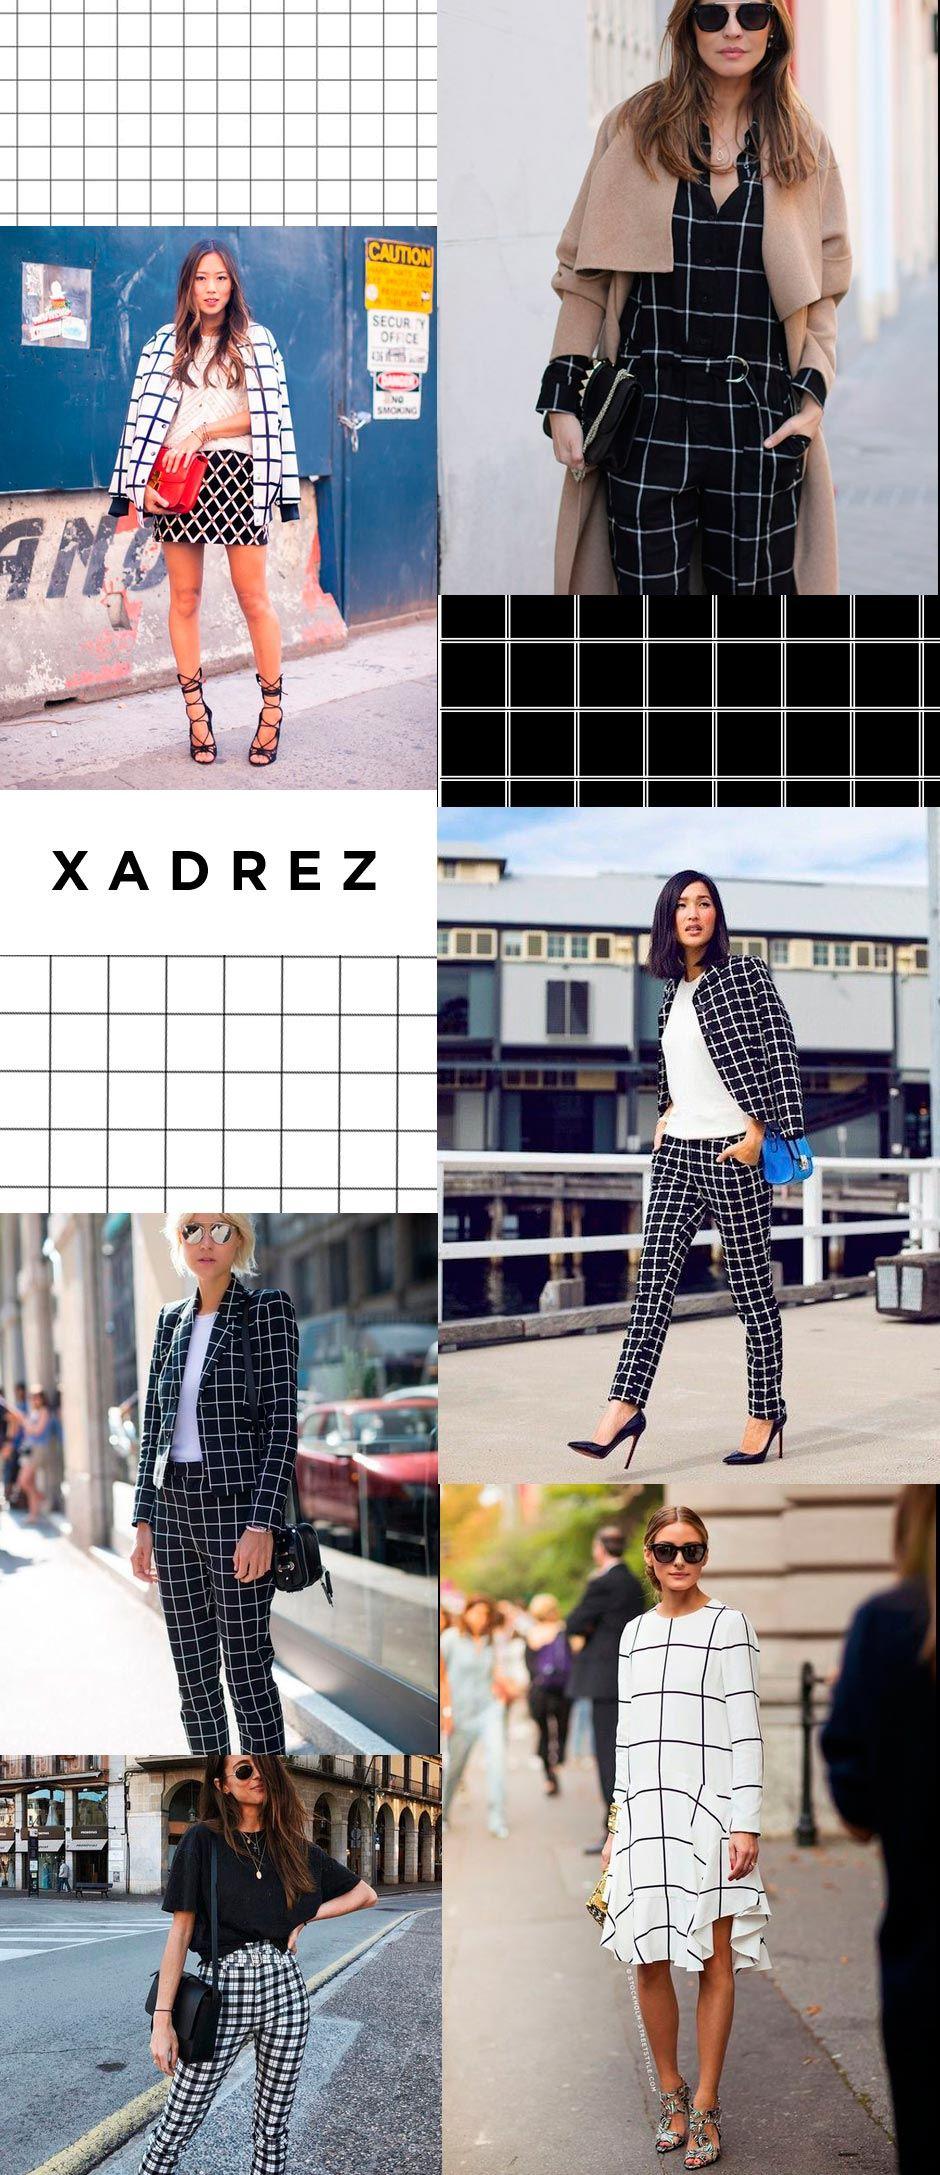 xadrez street style 2018